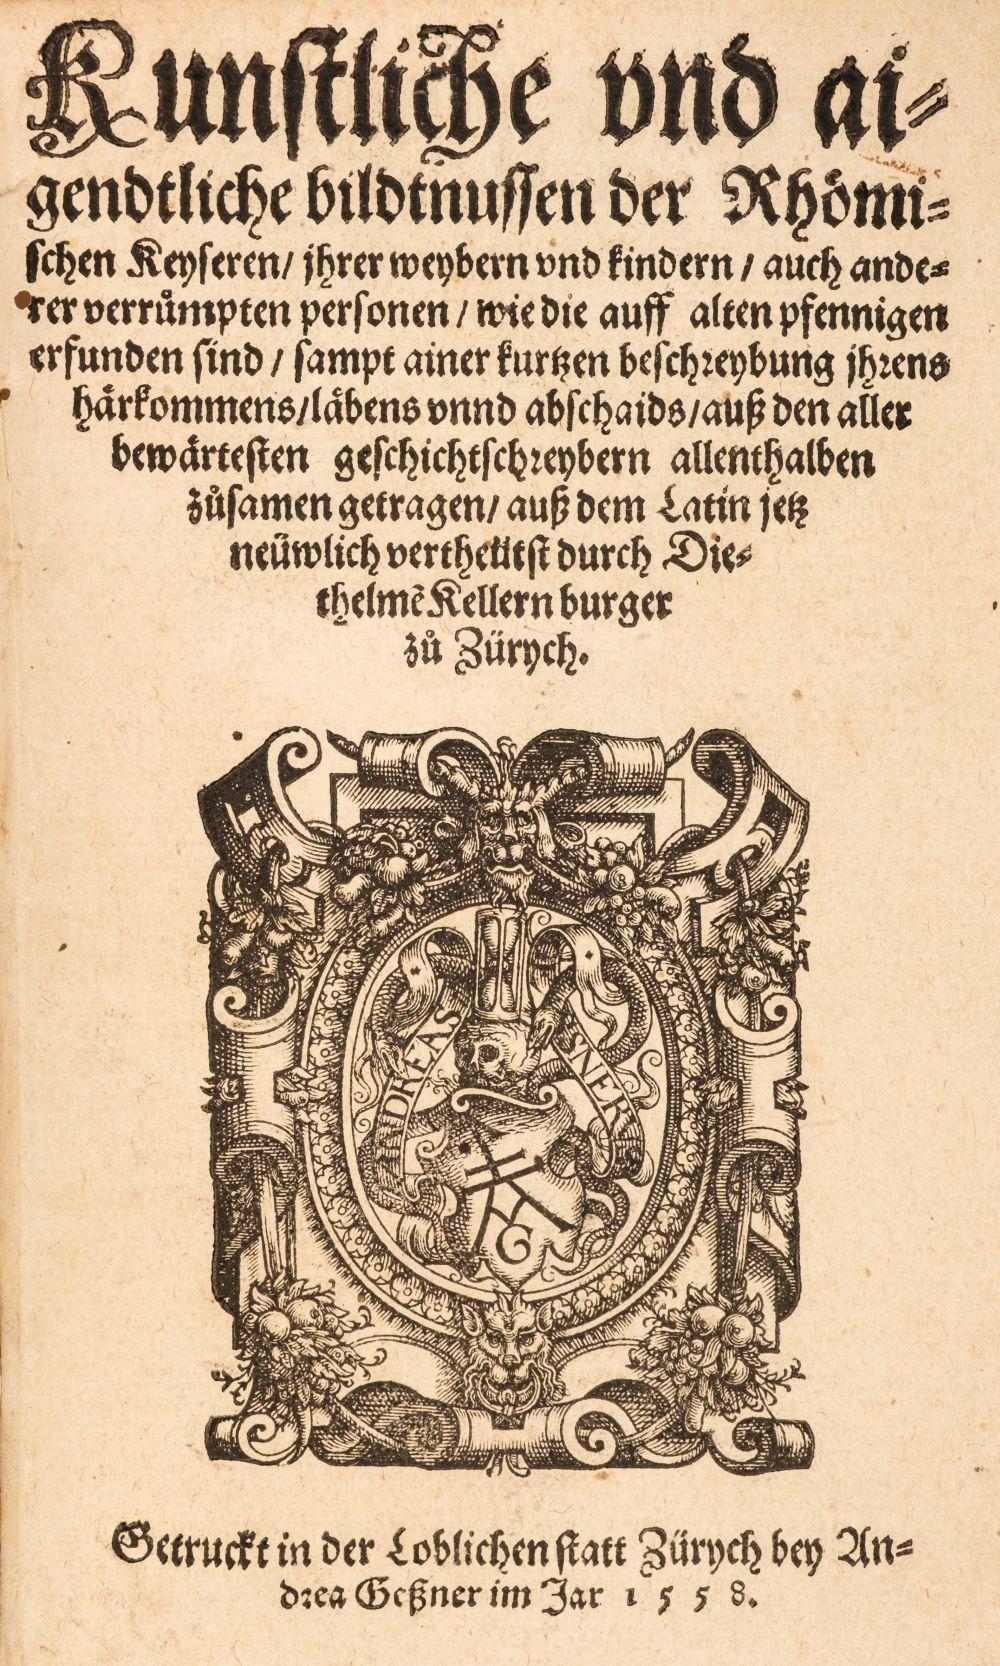 Strada (Jacobus de, c.1523-1588). Kunstliche und aigendtliche bildtnussen der Rhömischen..., 1558